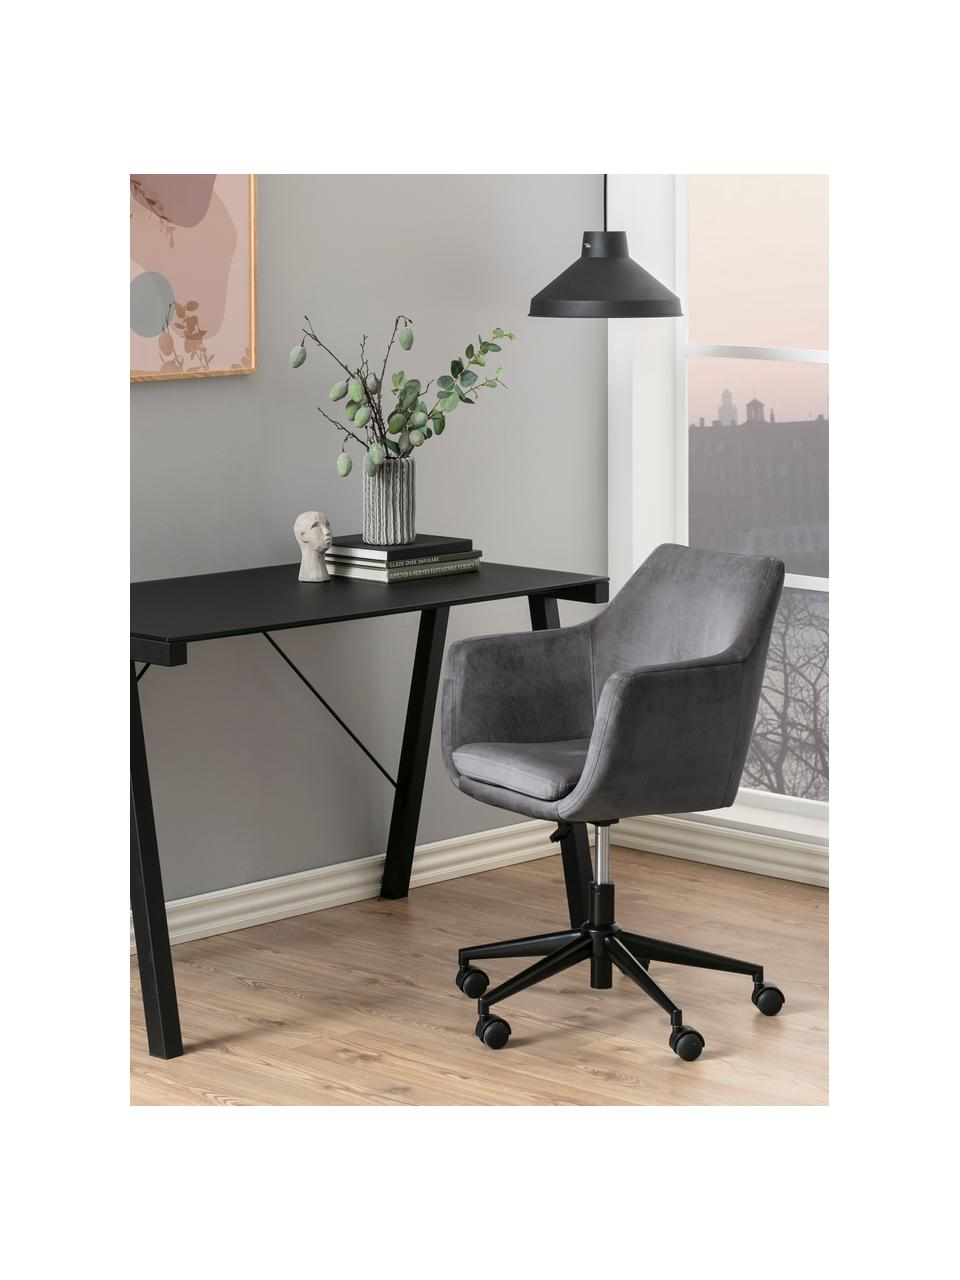 Fauteuil de bureau en velours à hauteur ajustable Nora, Gris foncé, noir